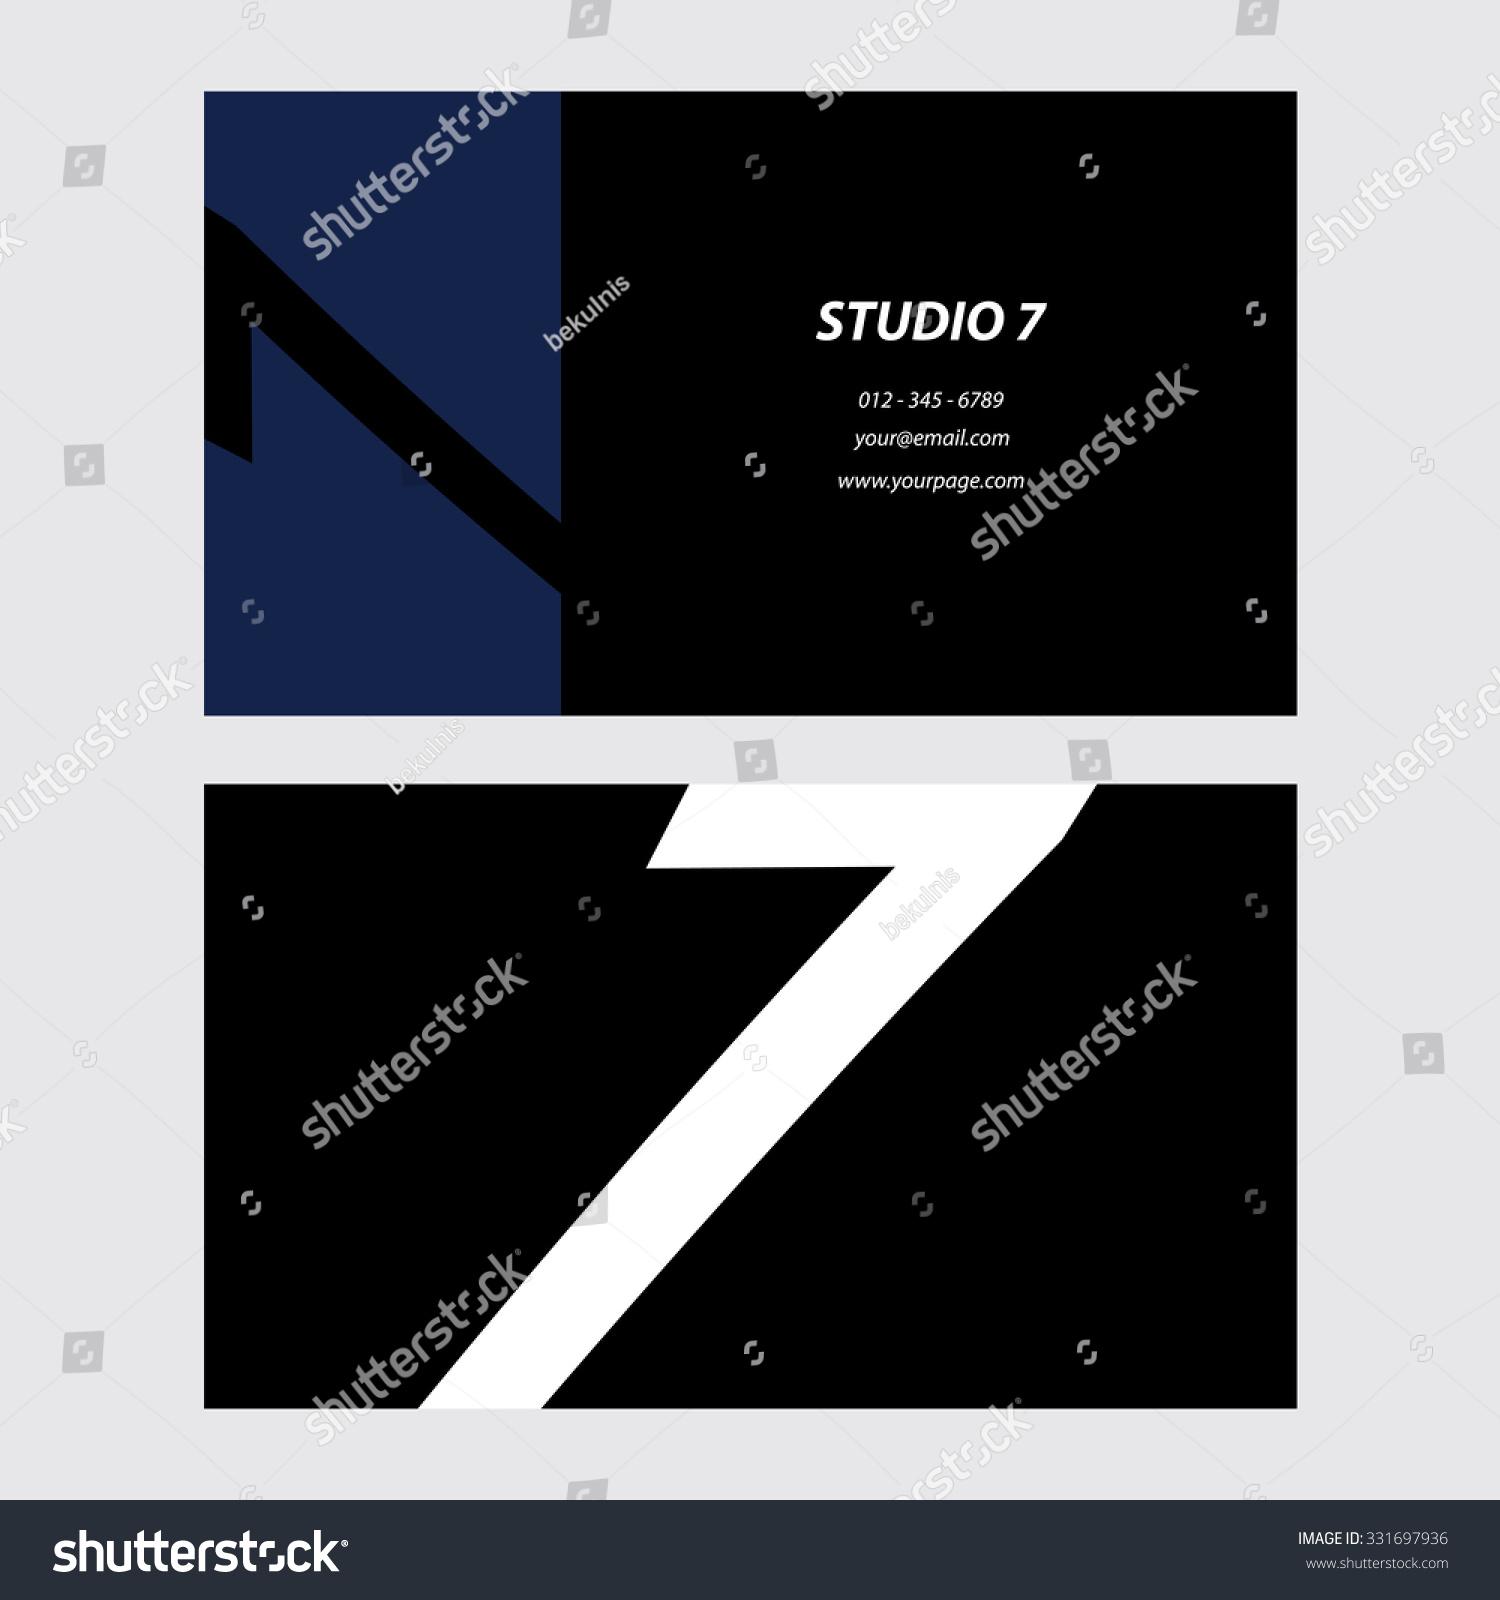 Original Business Card Stock Vector 331697936 - Shutterstock